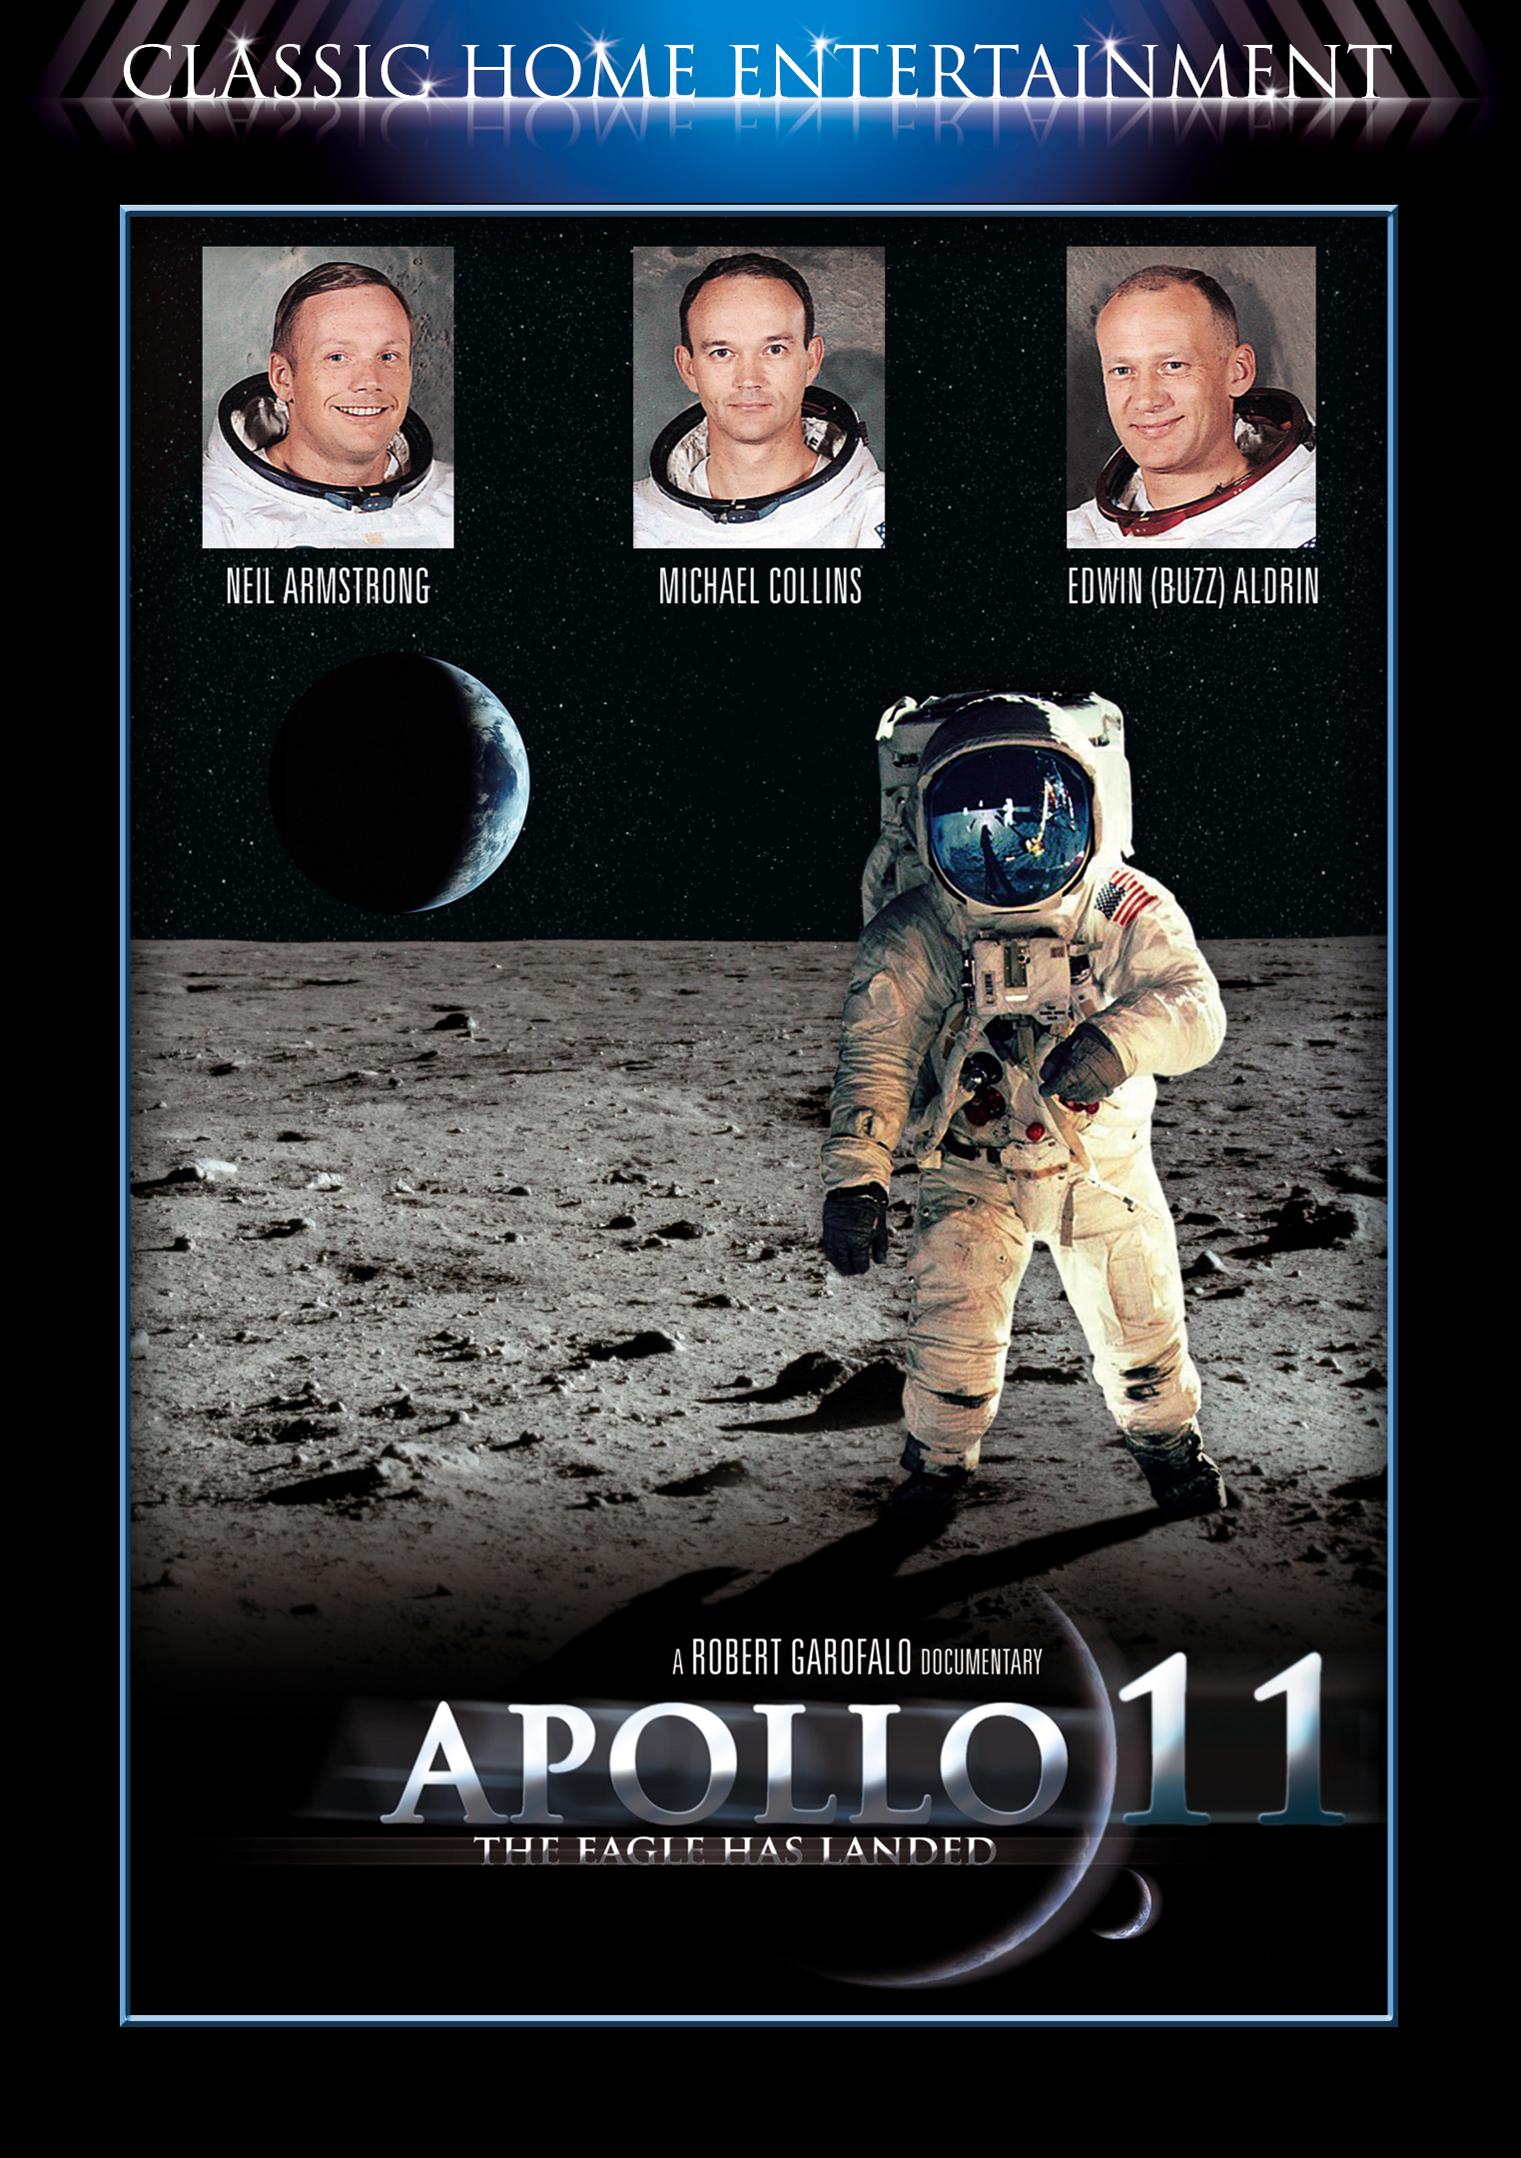 Apollo 11 Dvd: Apollo 11: The Eagle Has Landed